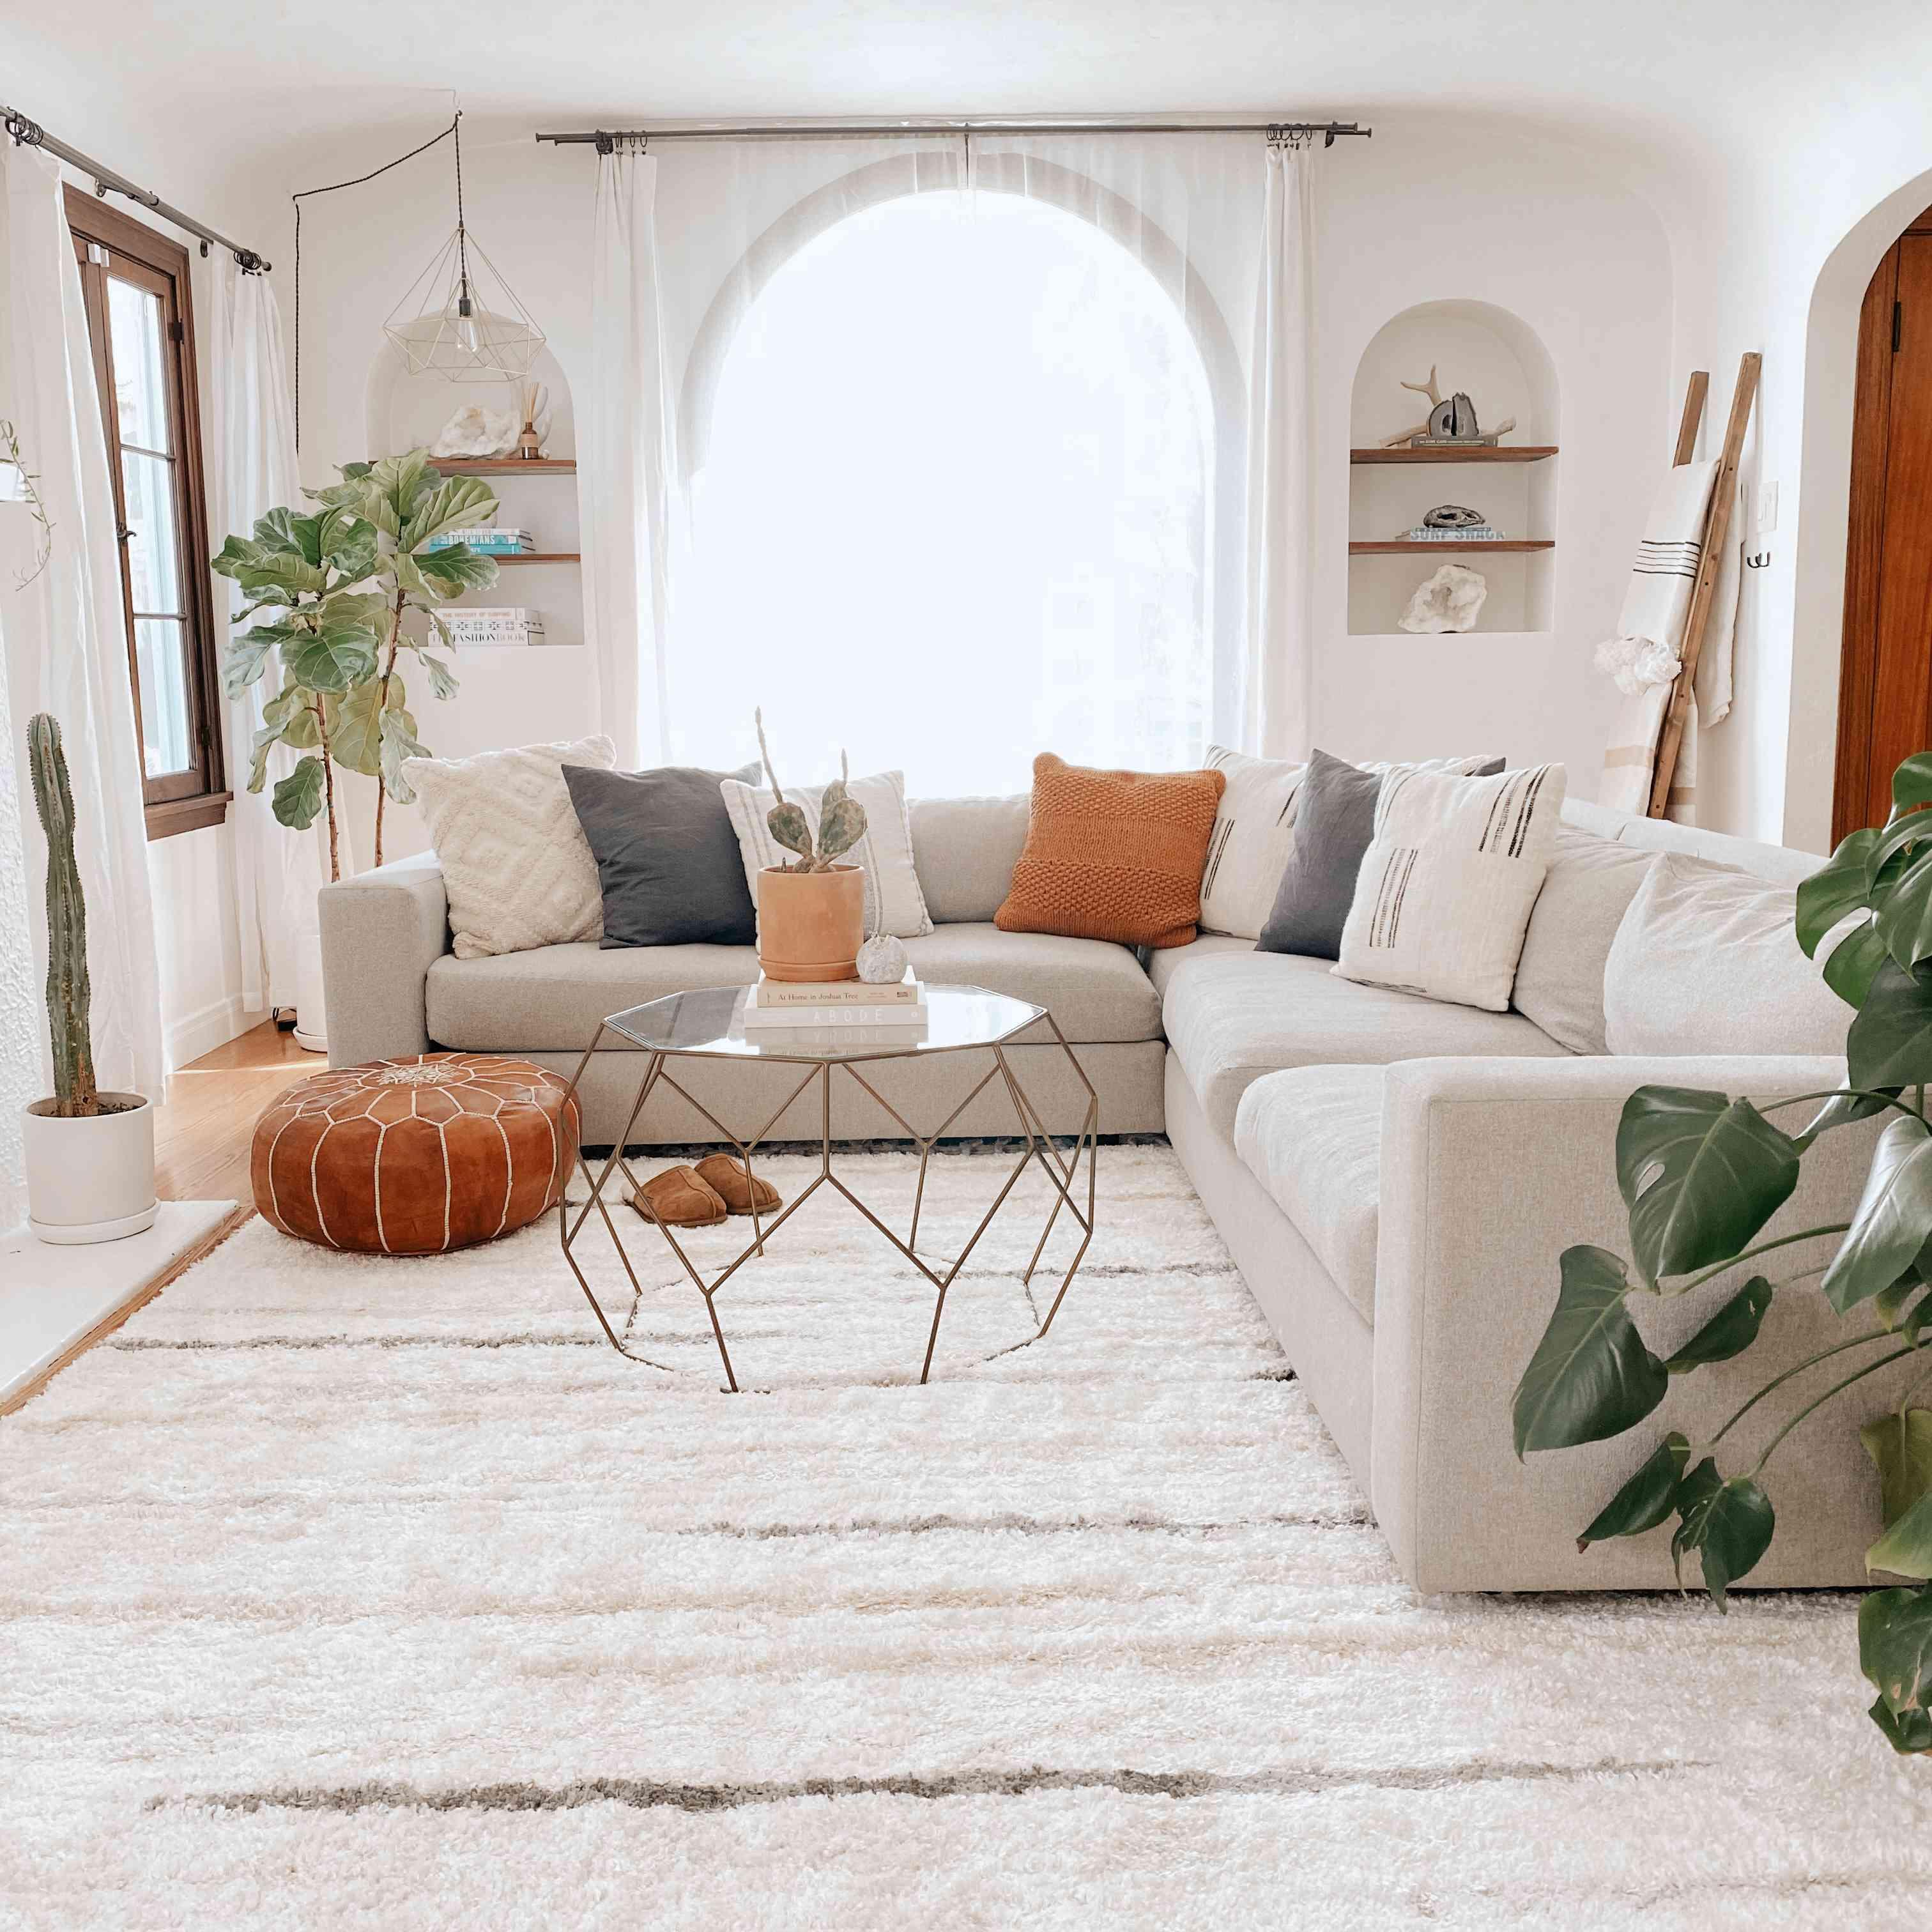 Boho living room with cozy shag rug